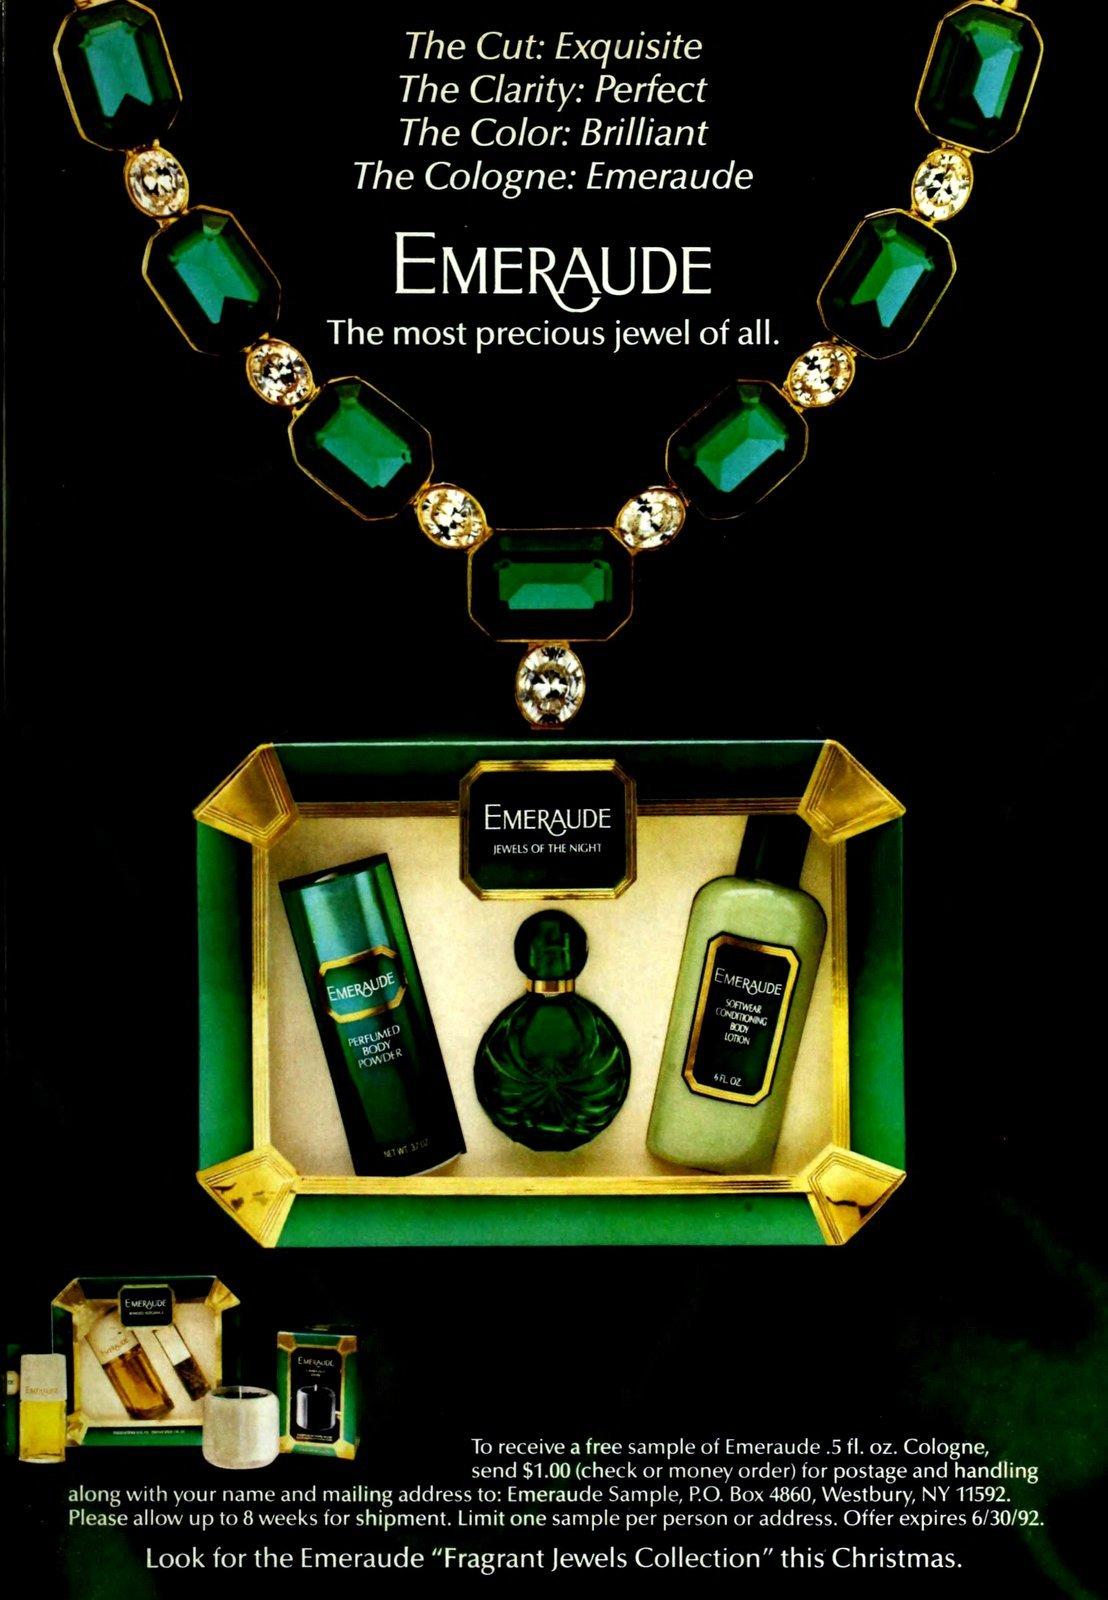 Emeraude cologne (1991) at ClickAmericana.com